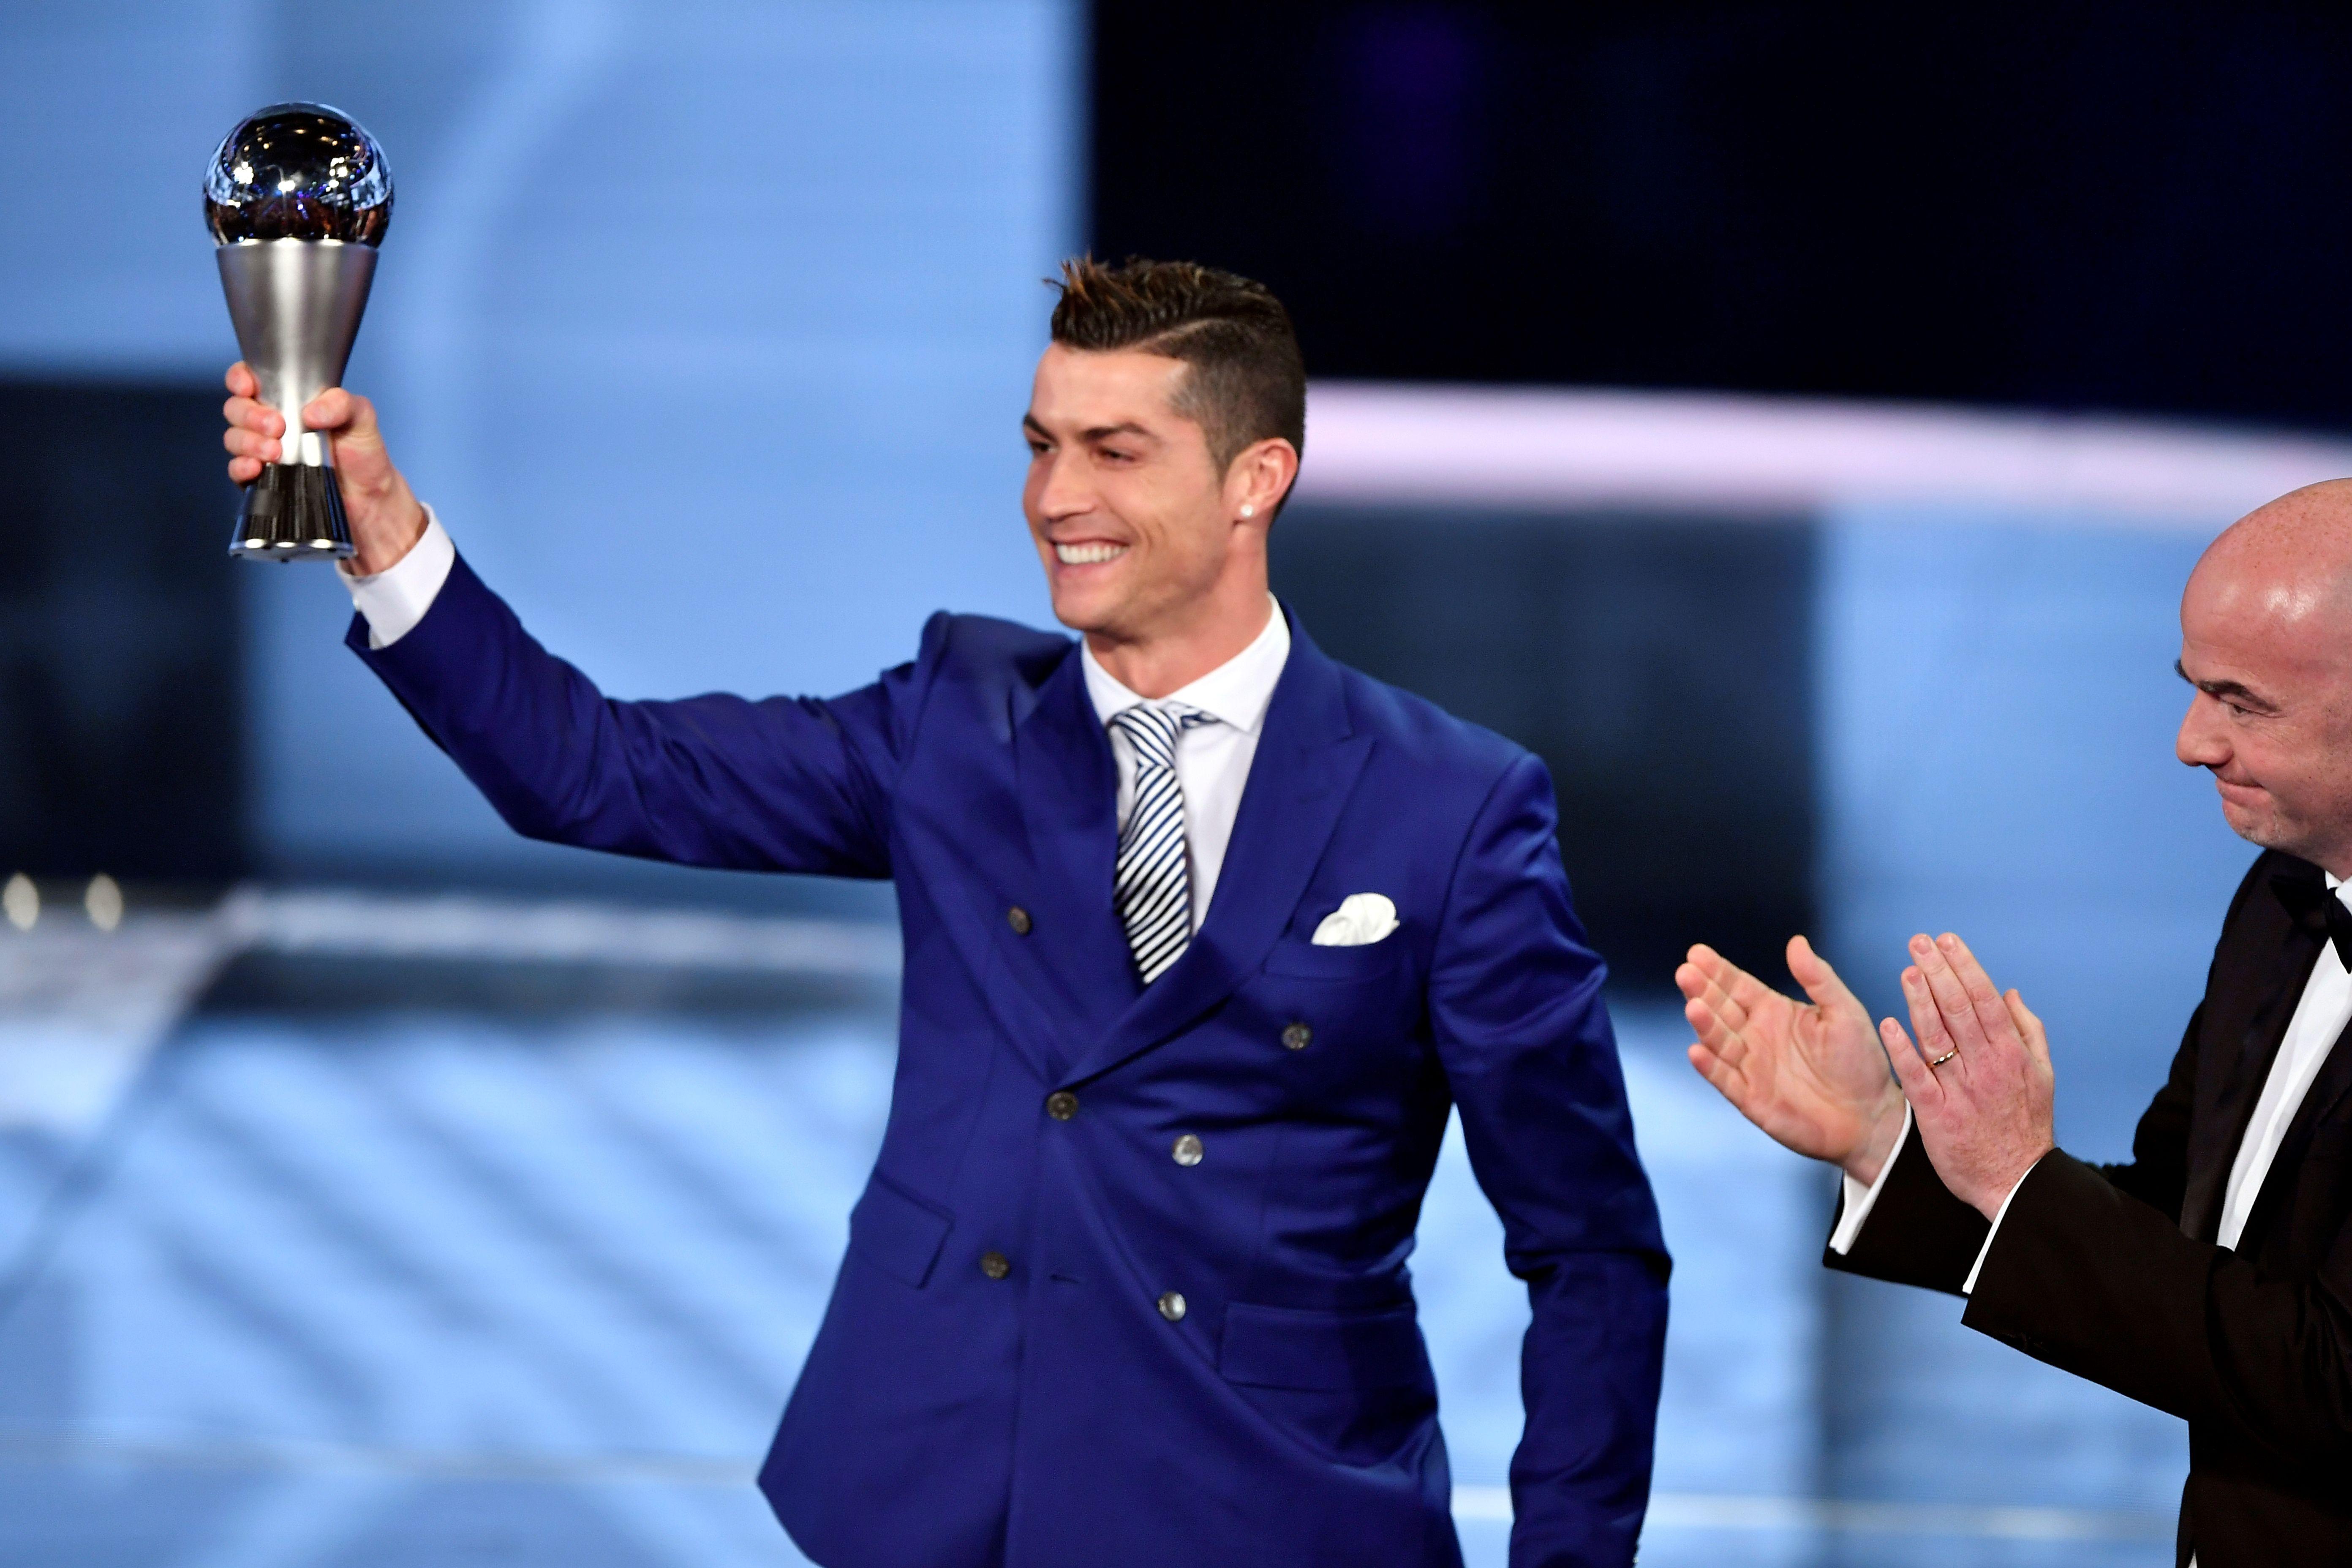 Cristiano Ronaldo muestra su trofeo como Mejor Jugador del Año de la FIFA. (Crédito: FABRICE COFFRINI/AFP/Getty Images)